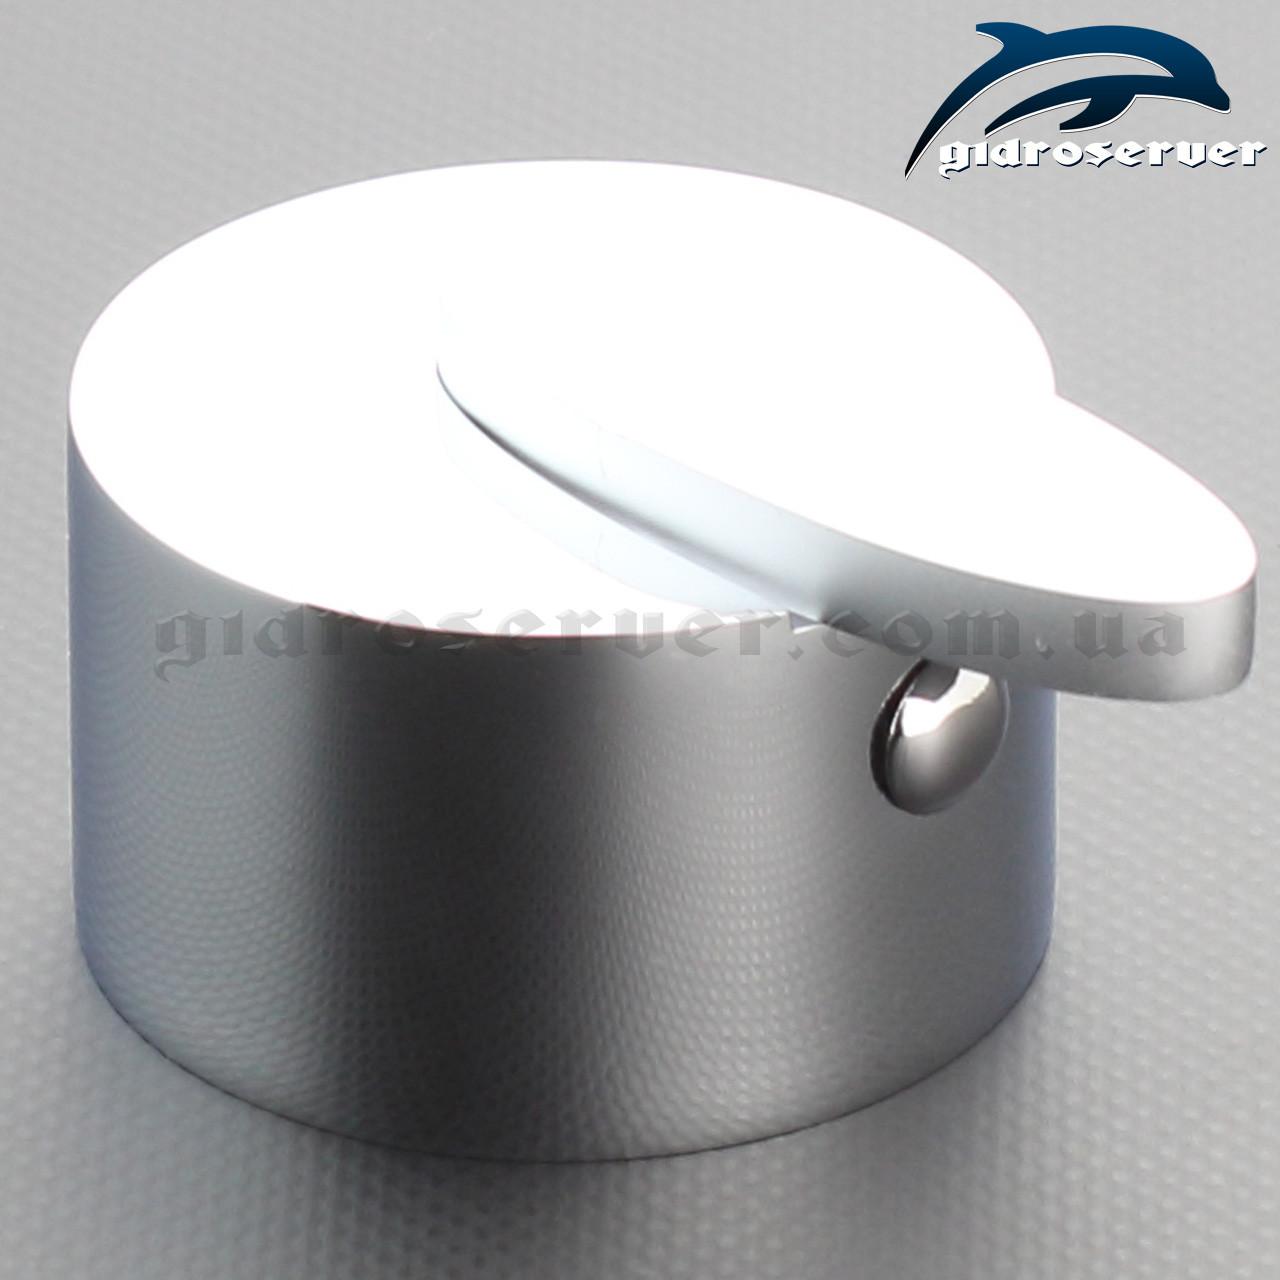 Ручка перемикання режимів для змішувача душової кабіни, гідромасажного боксу RD-02.